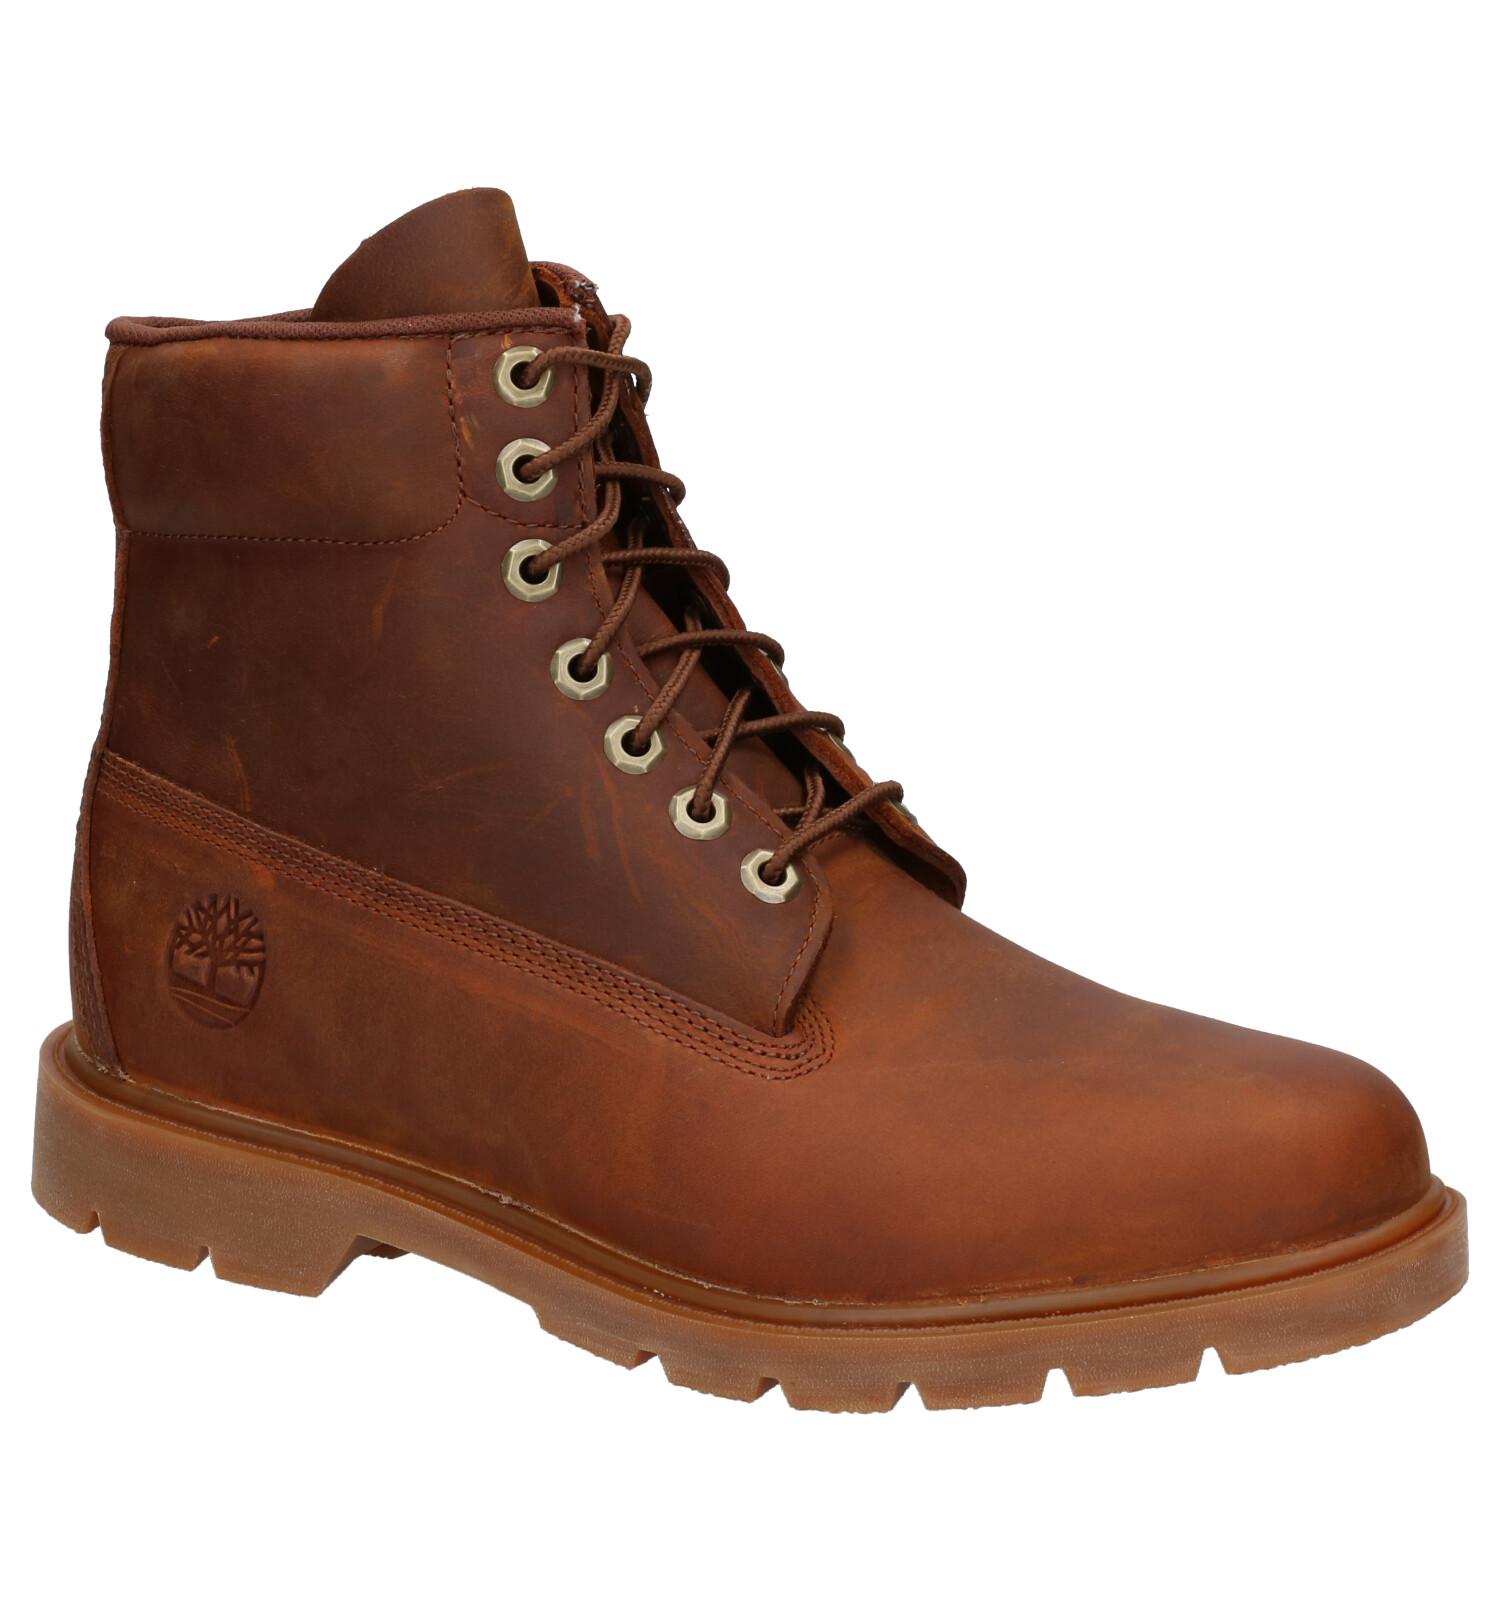 Timberland 6 Inch Basic Bruine Boots | SCHOENENTORFS.NL | Gratis verzend en retour